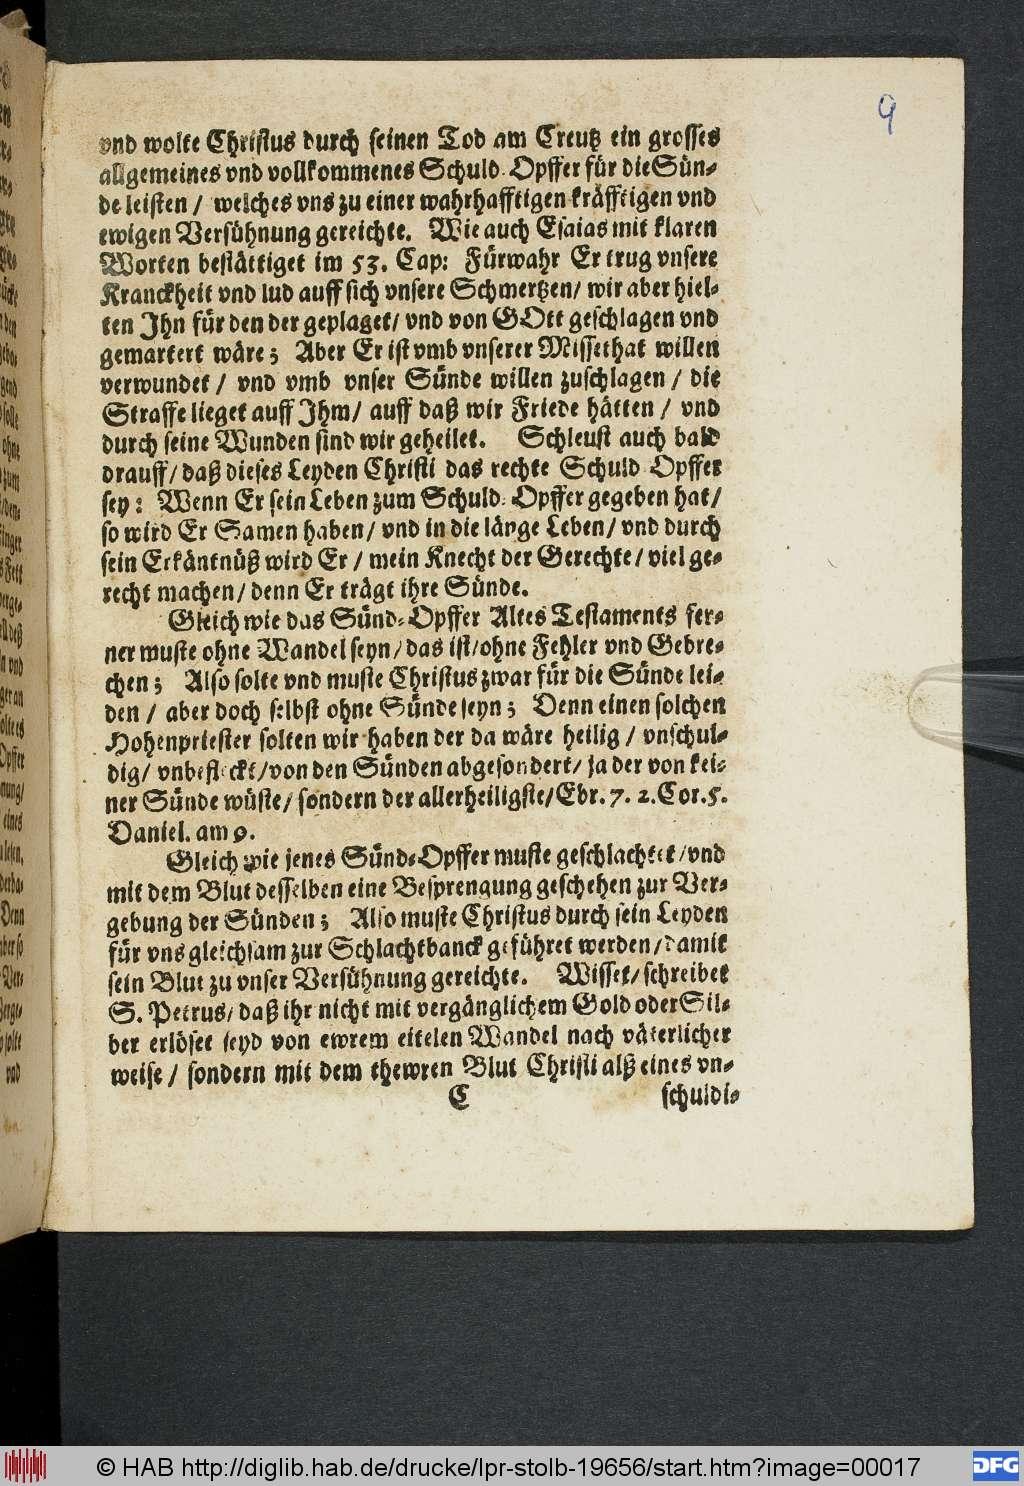 http://diglib.hab.de/drucke/lpr-stolb-19656/00017.jpg